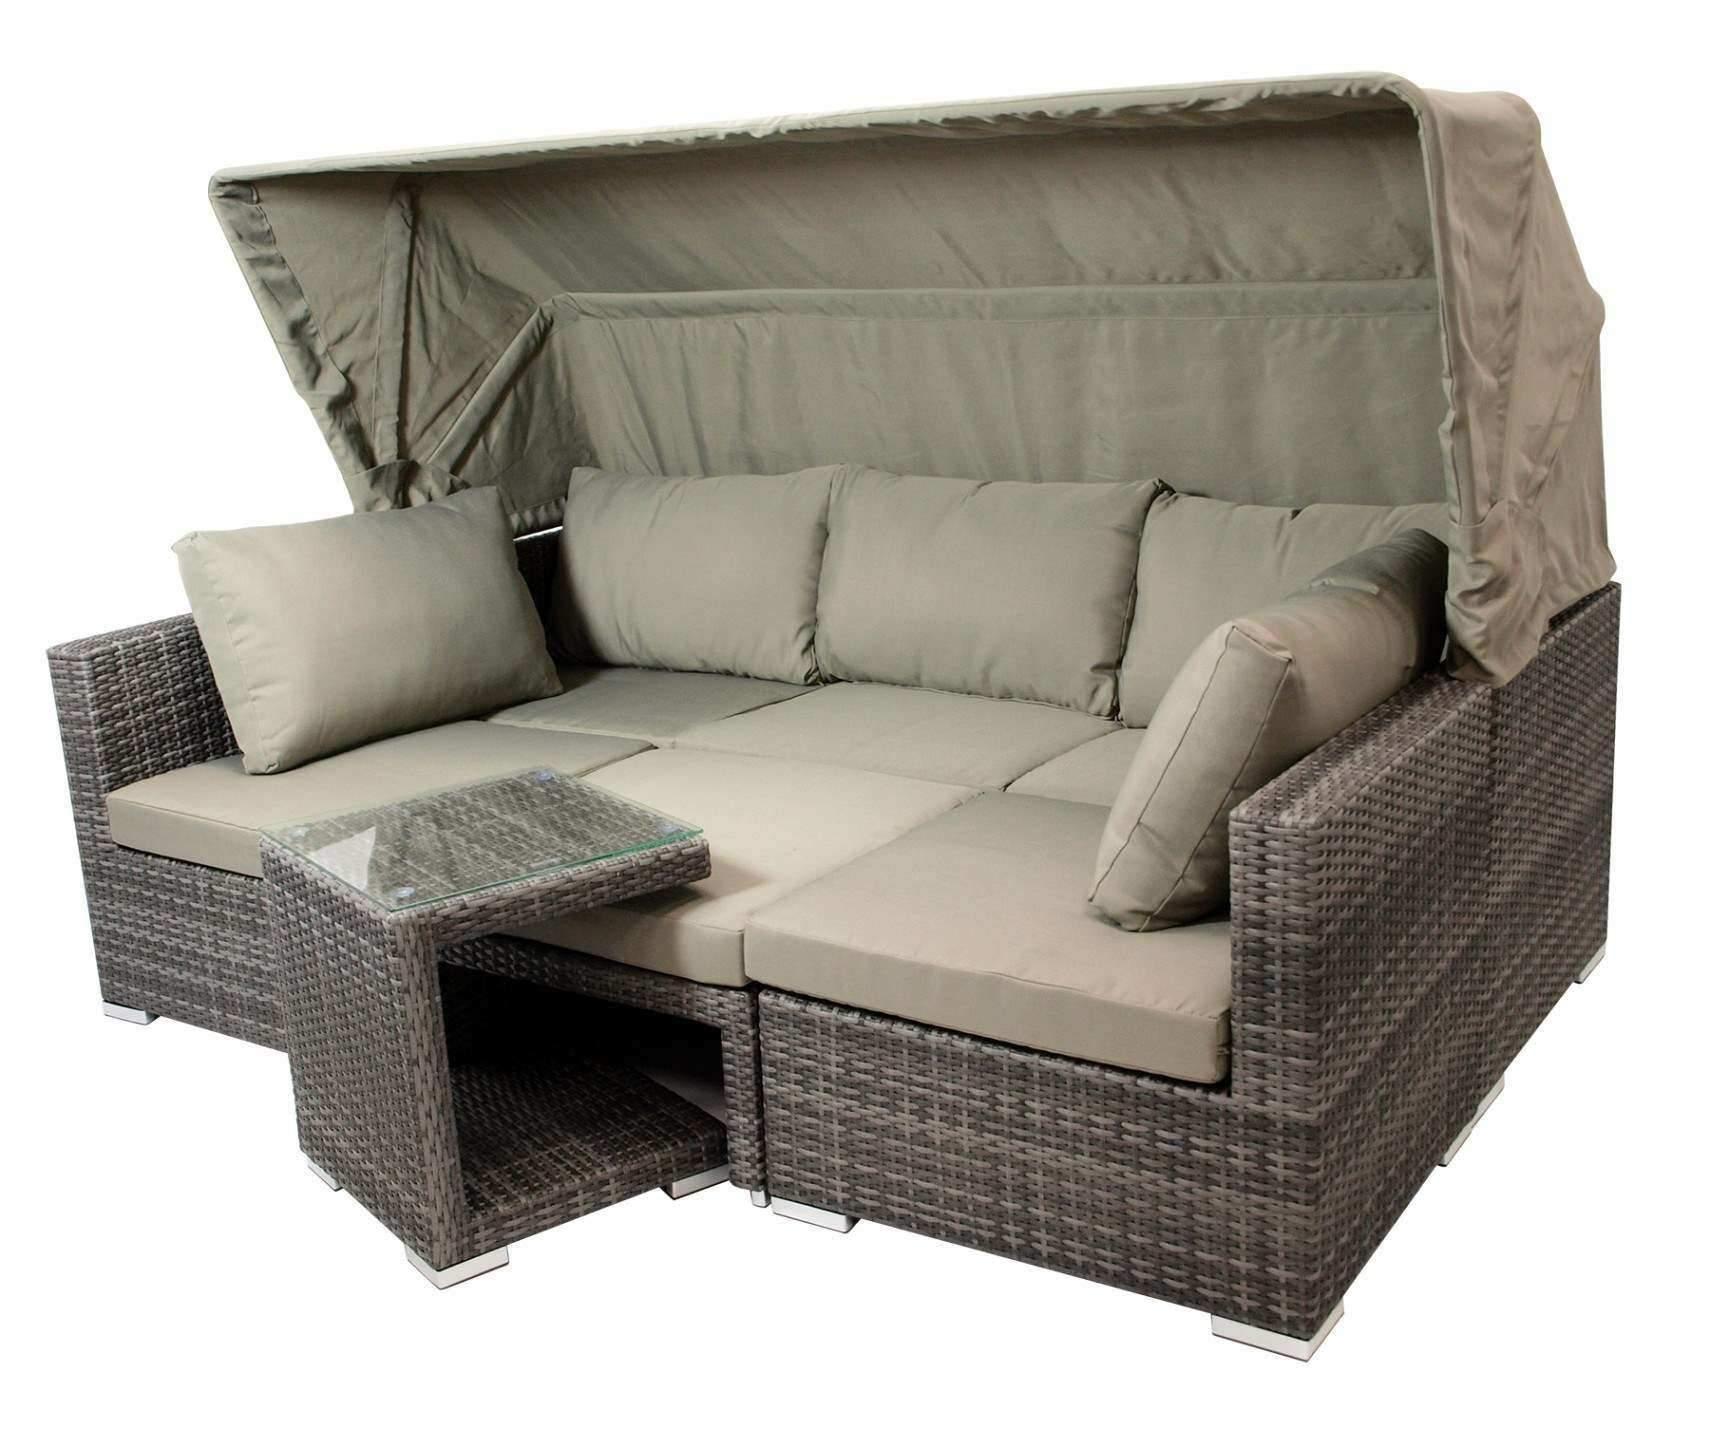 anordnung sofa wohnzimmer elegant 2 sitzer sofa zum ausziehen luxus schlafcouch rosa 0d fotos of anordnung sofa wohnzimmer